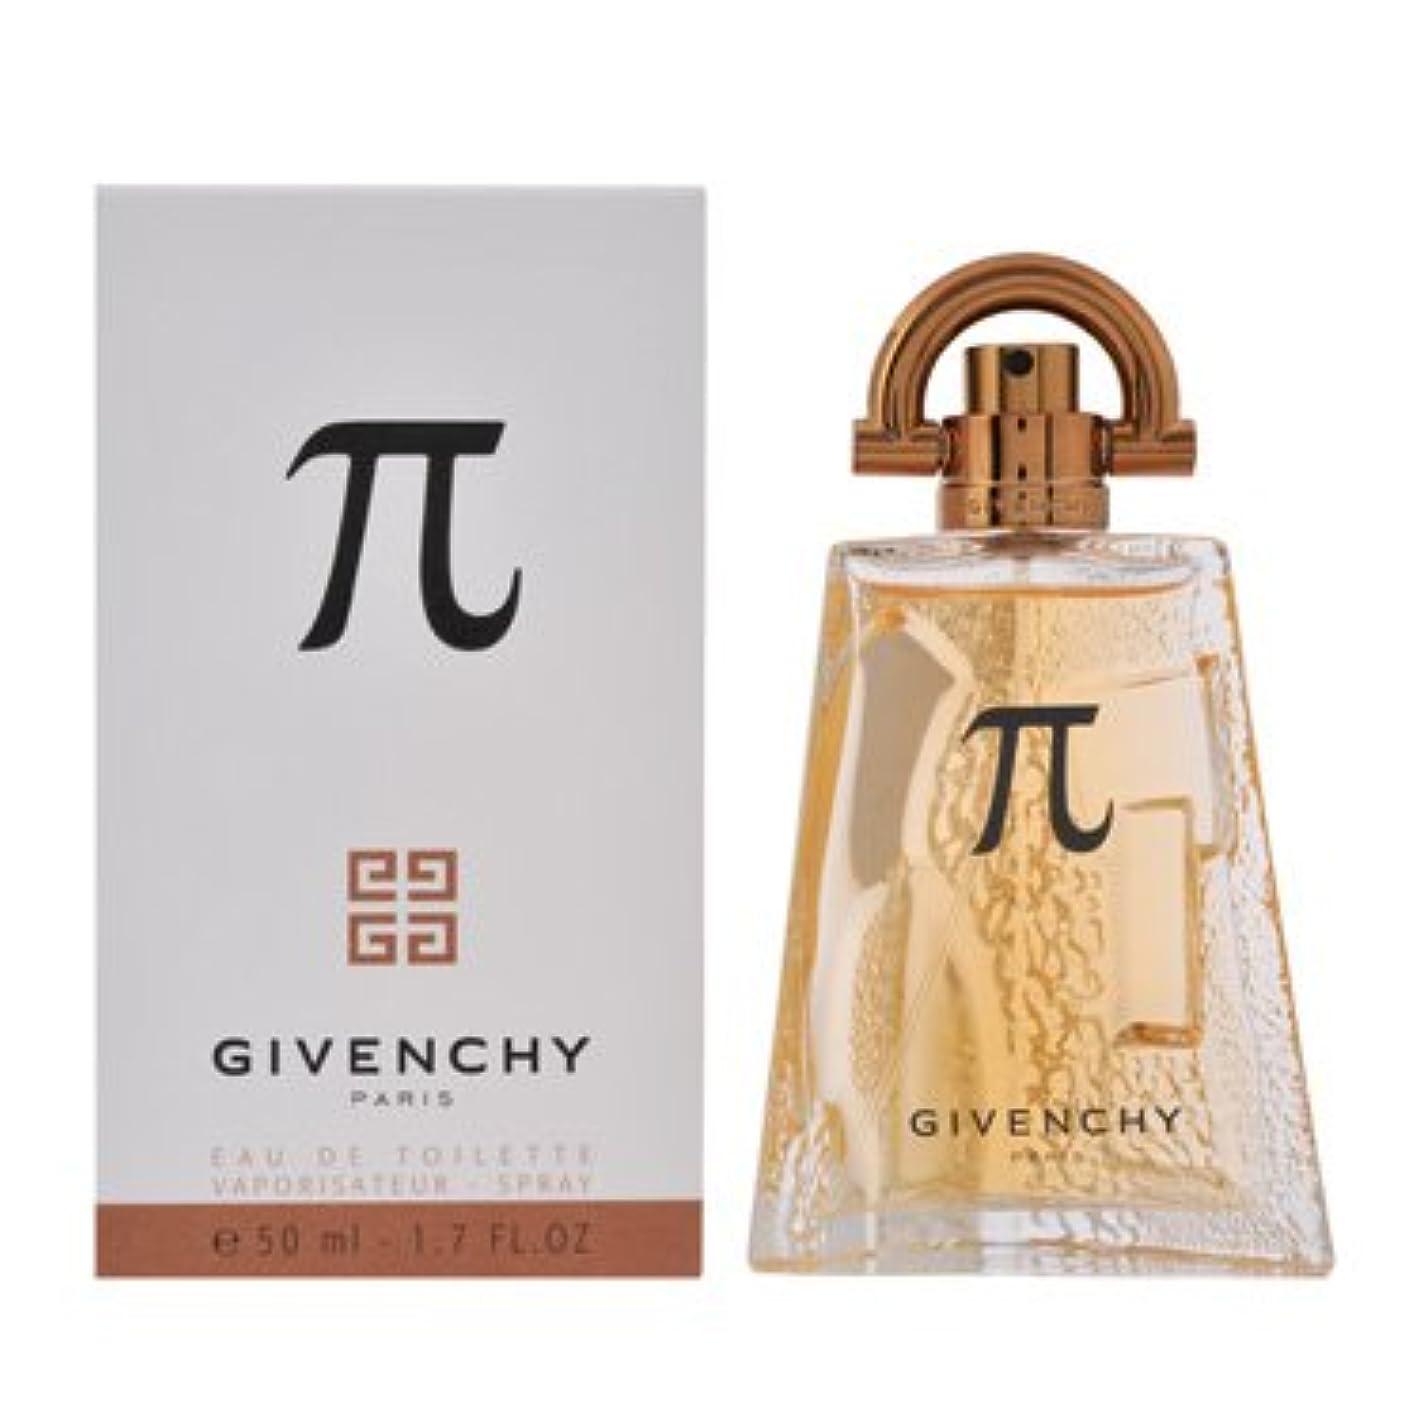 聞きます競争ペリスコープGIVENCHY(ジバンシイ) GIVENCHY ジバンシイ パイ EDT/50mL3274878222551 香水 フレグランス 香水?フレグランス